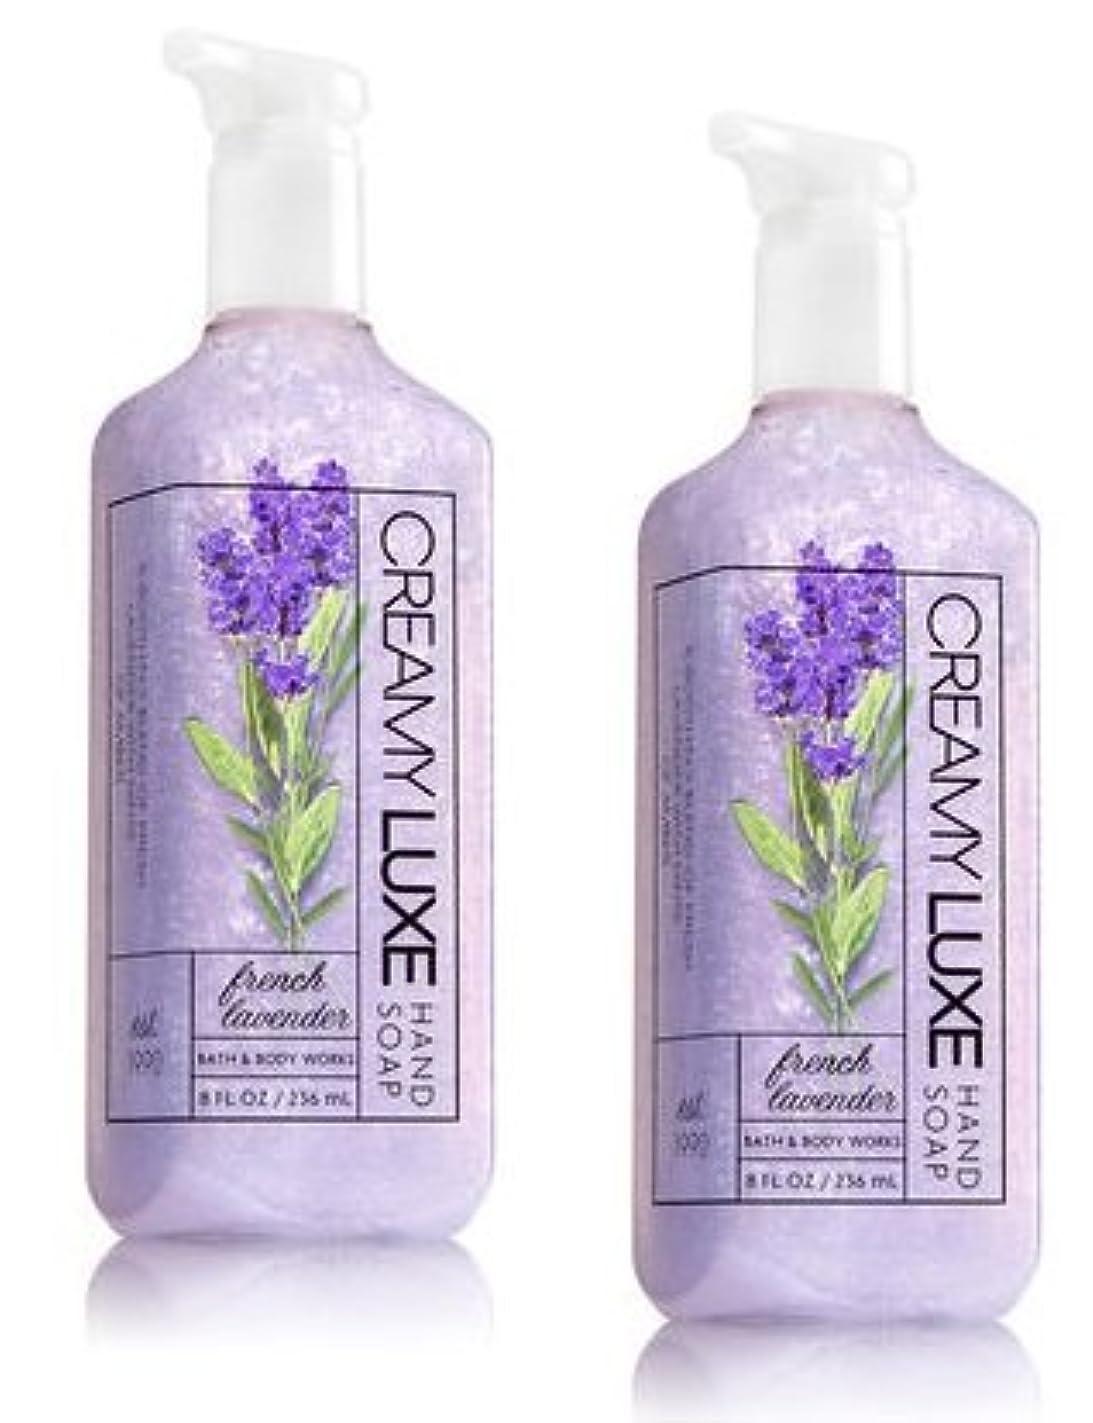 いとこ船スキルBath & Body Works フレンチラベンダー クリーミー リュクス ハンドソープ 2本セット French Lavender Creamy Luxe Hand Soap. 8 oz [並行輸入品]